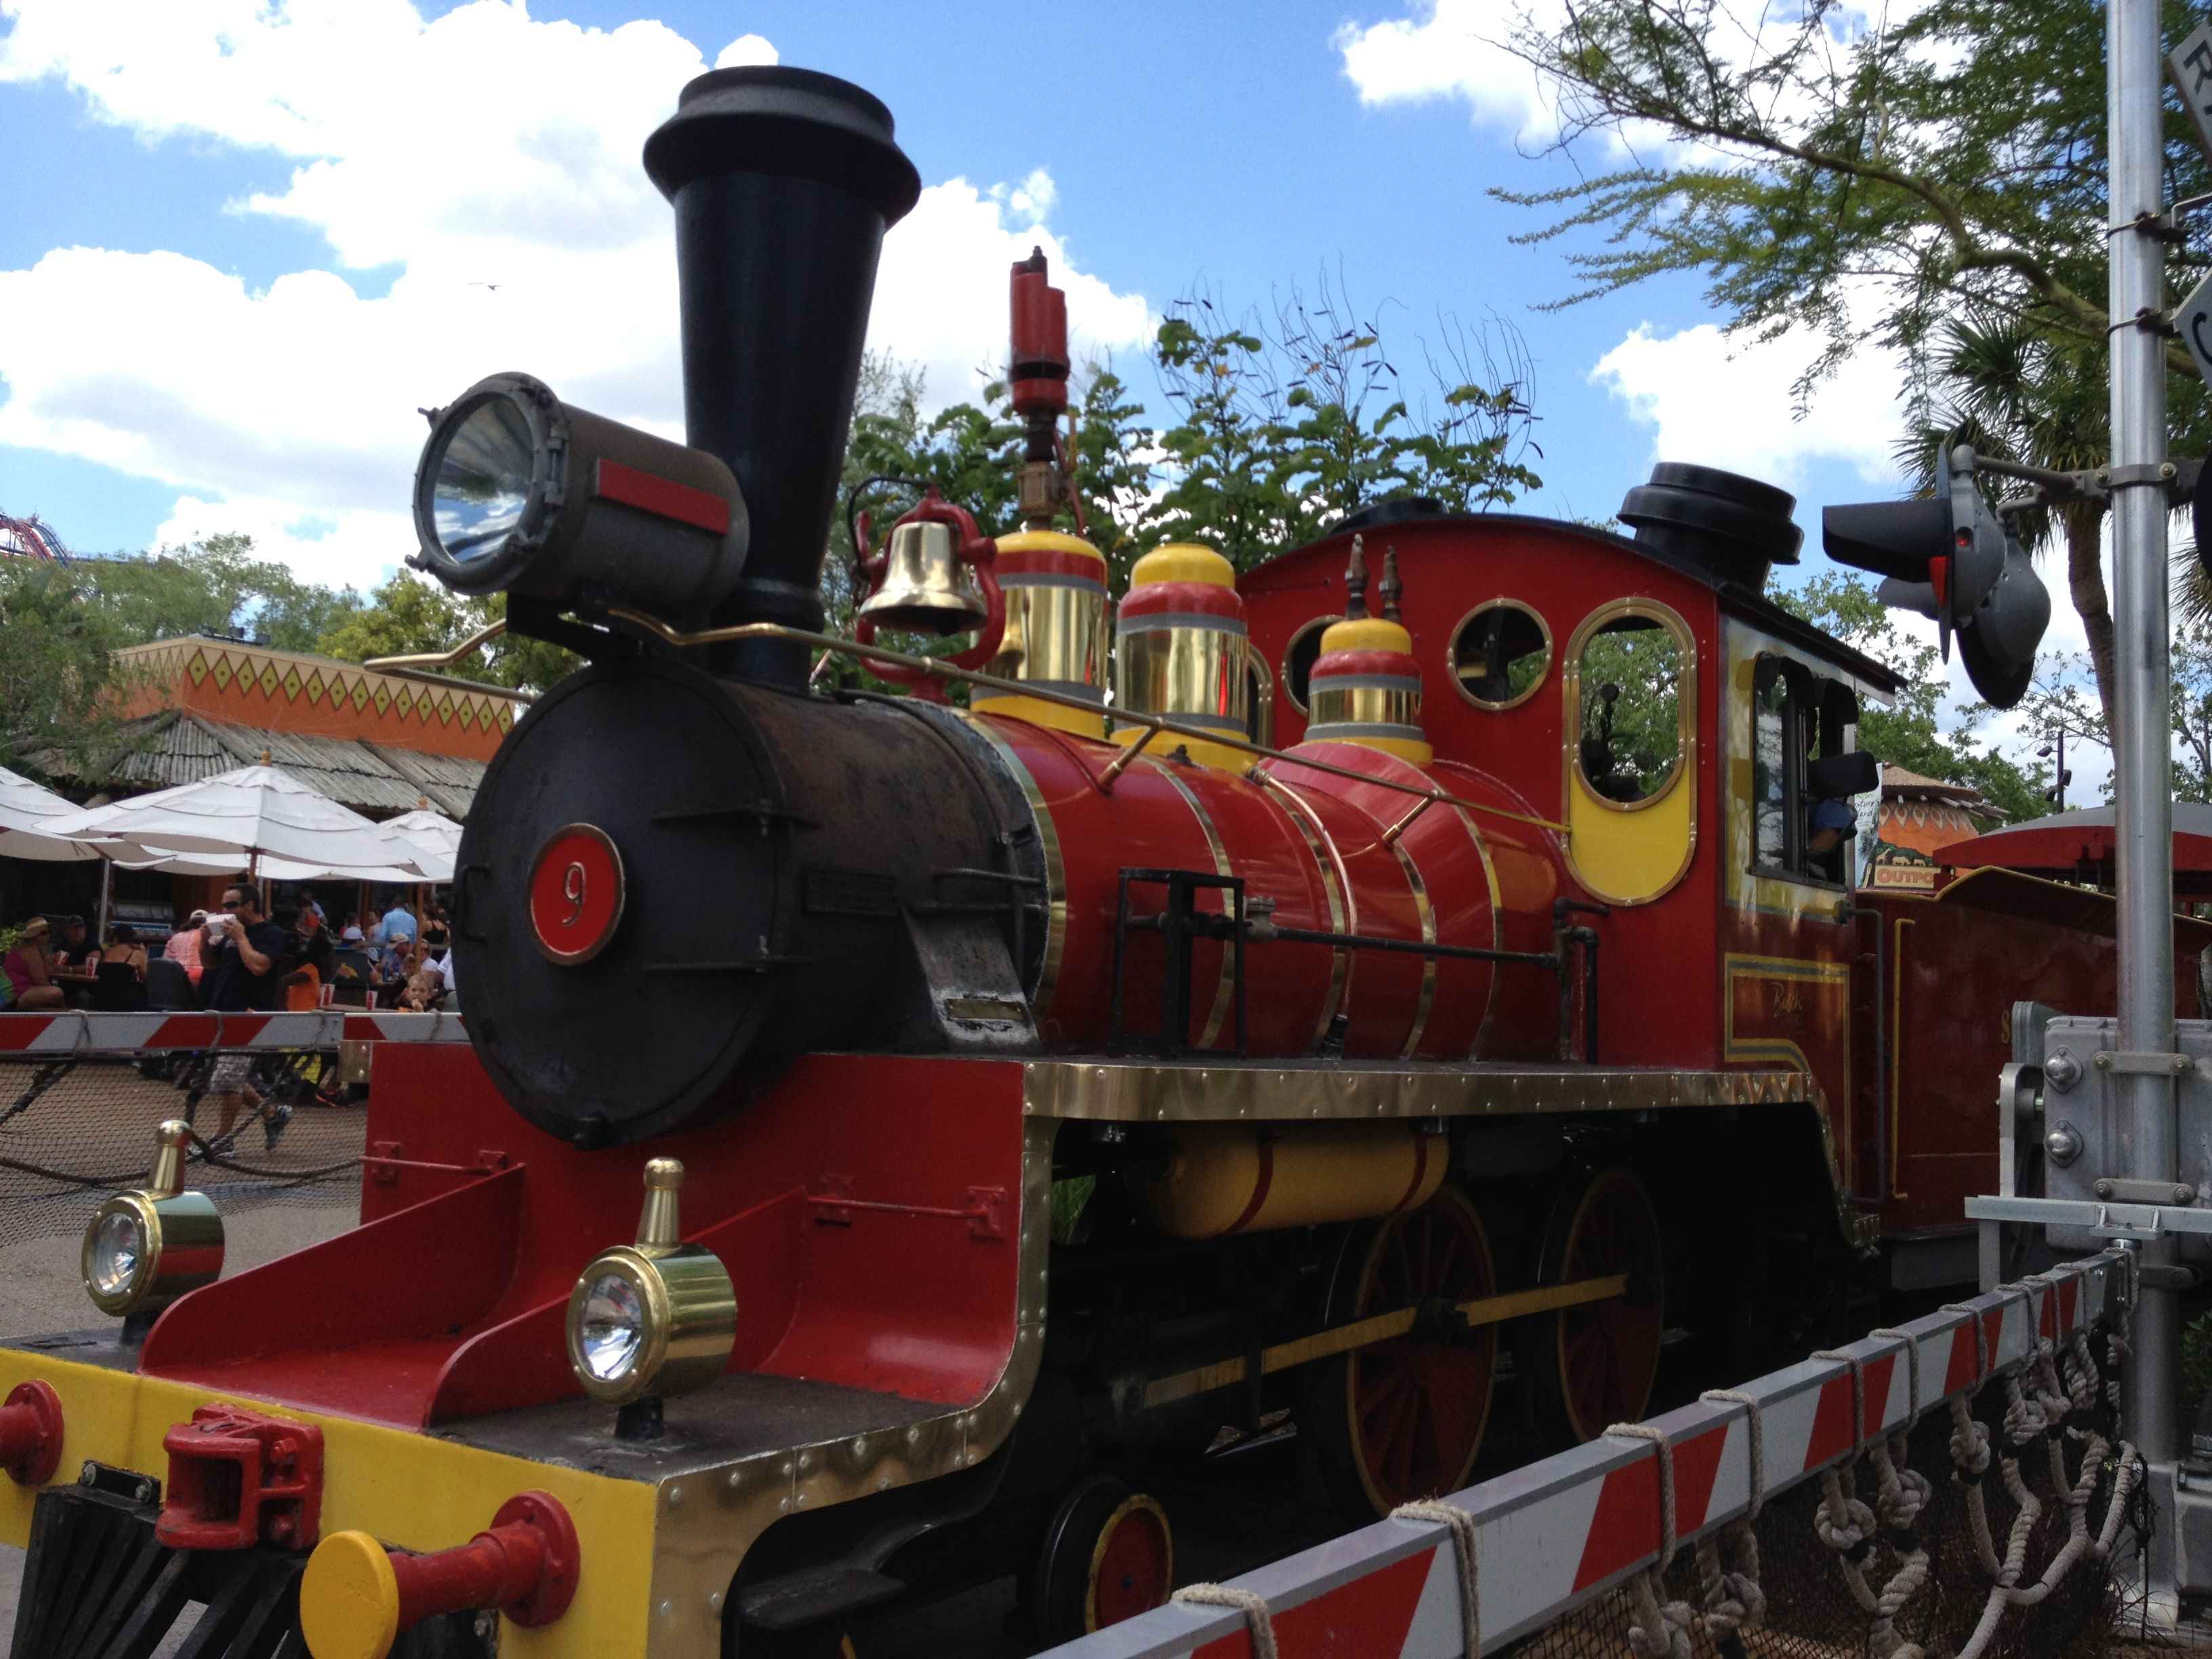 185ff740e6d1bf91d2ef0c5491dd4d7b - How Long Is The Train Ride At Busch Gardens